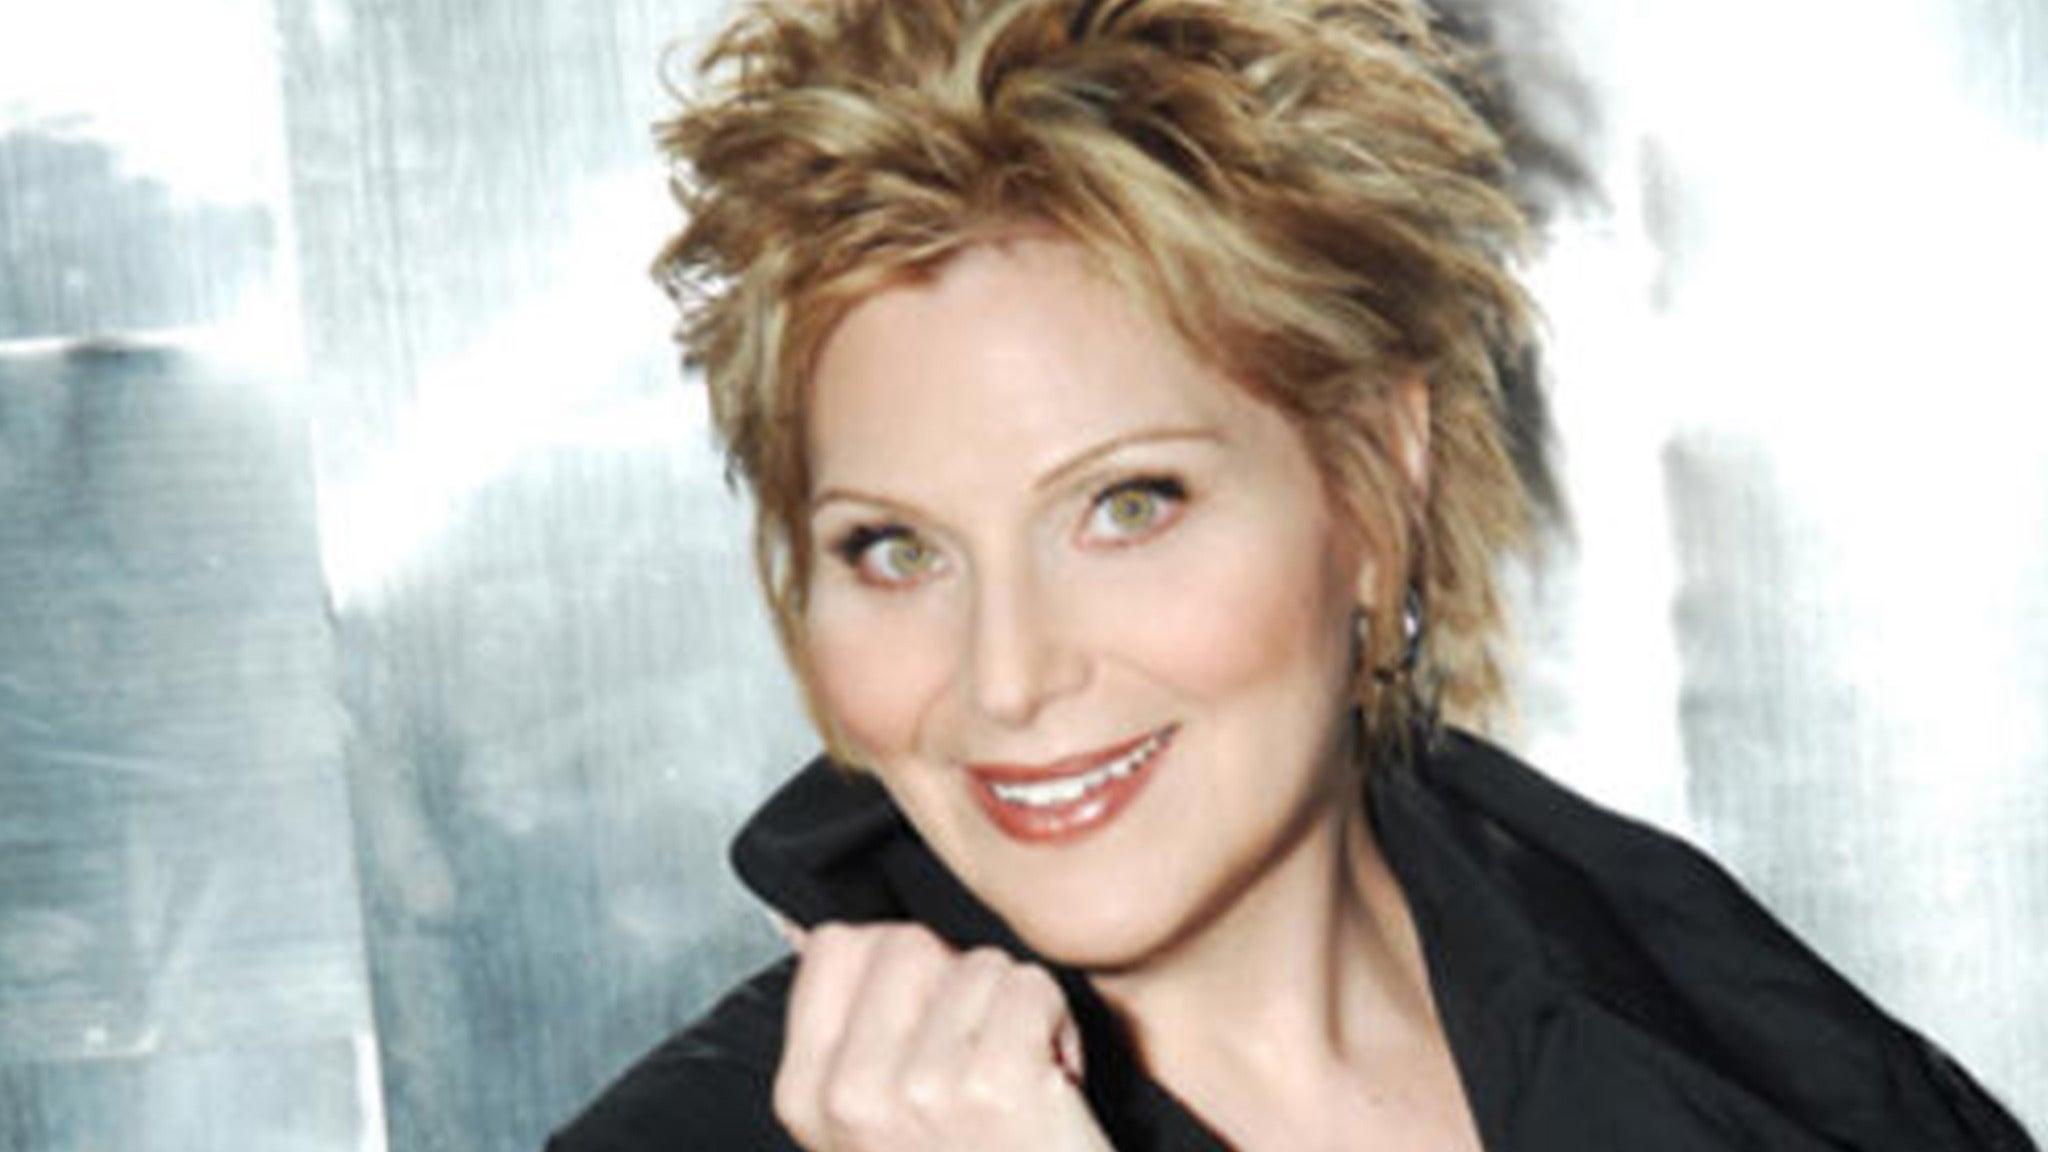 Roslyn Kind at Aventura Arts & Cultural Center - Aventura, FL 33180